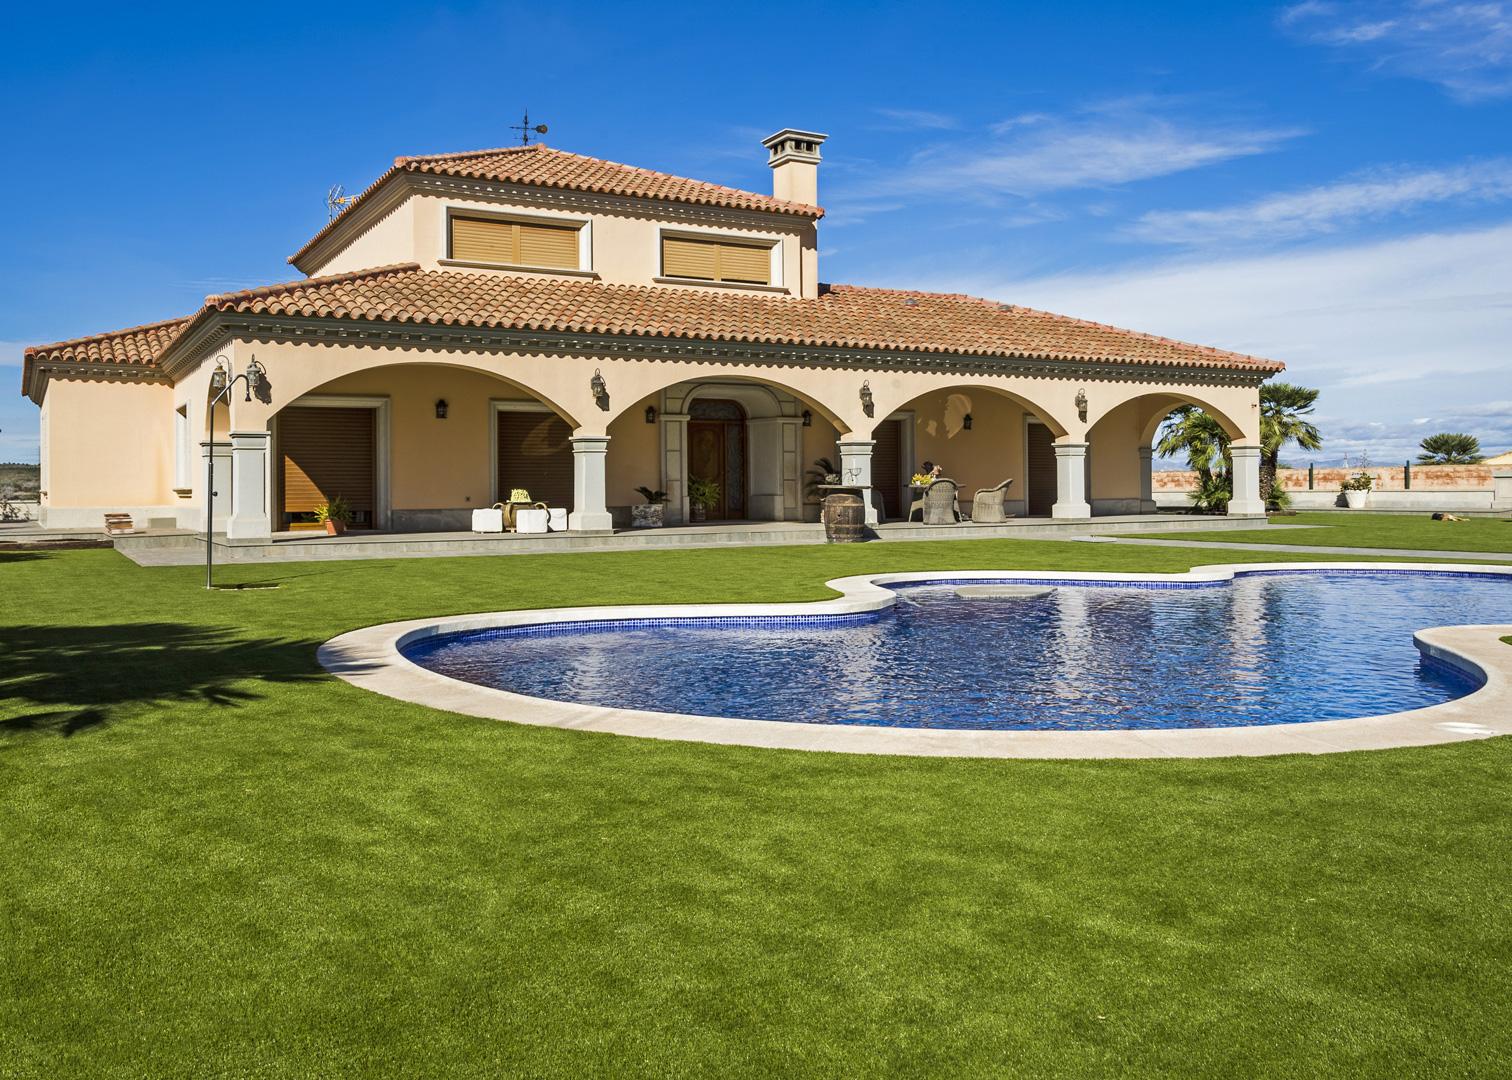 Césped artificial jardín con piscina San Miguel de Salinas 2